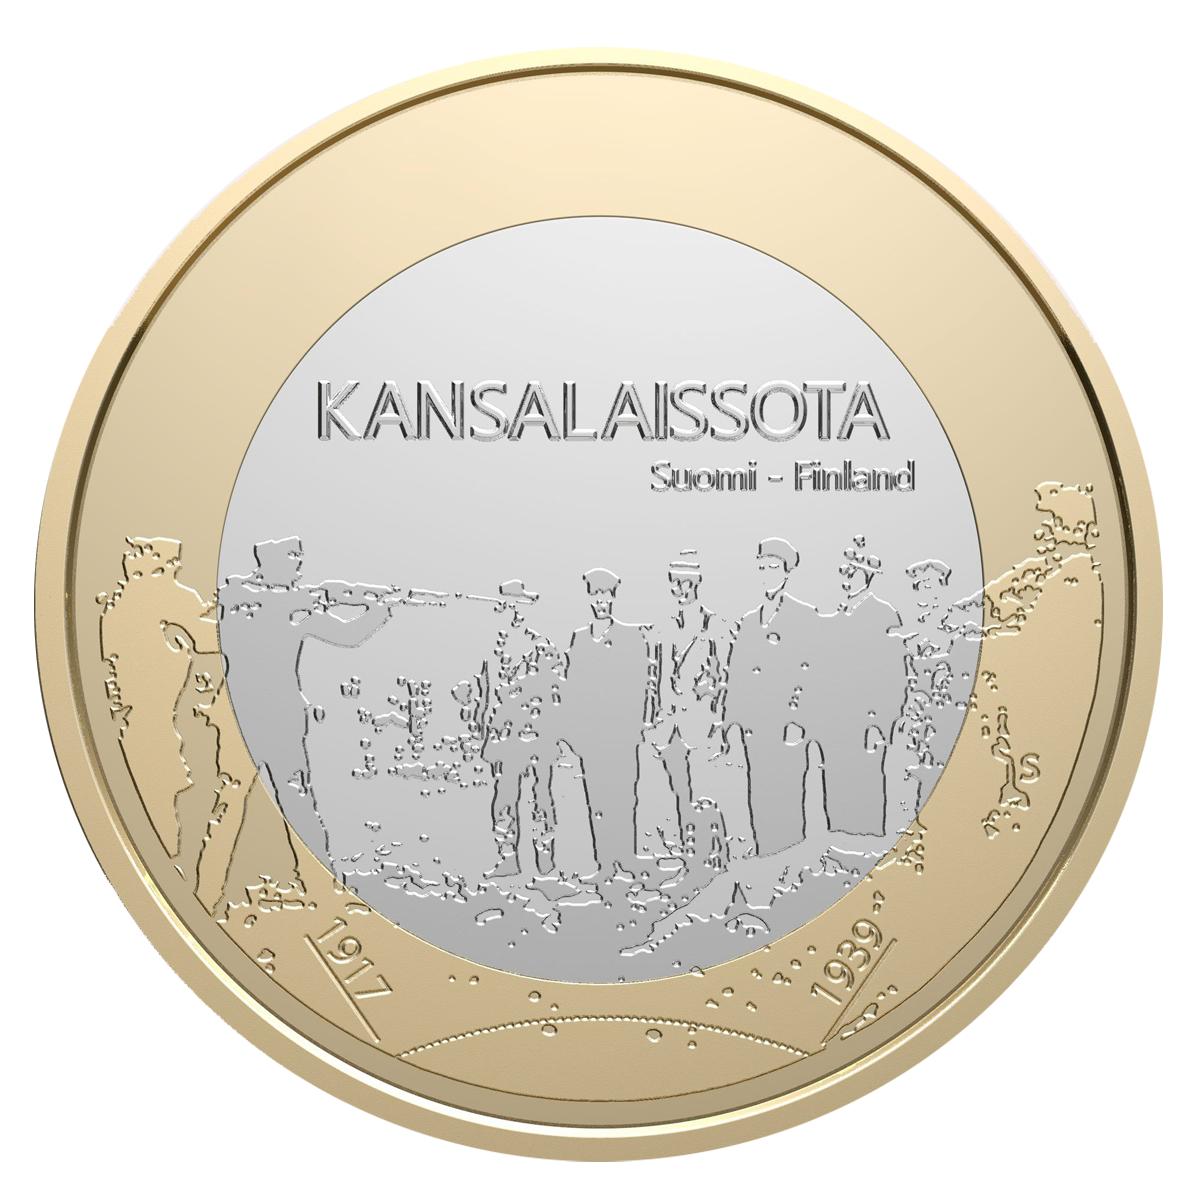 Rahapajan Itsenäisyyden vuosikymmenet -rahasarjan ensimmäinen juhlaraha kertoo vuosista 1917-1939.